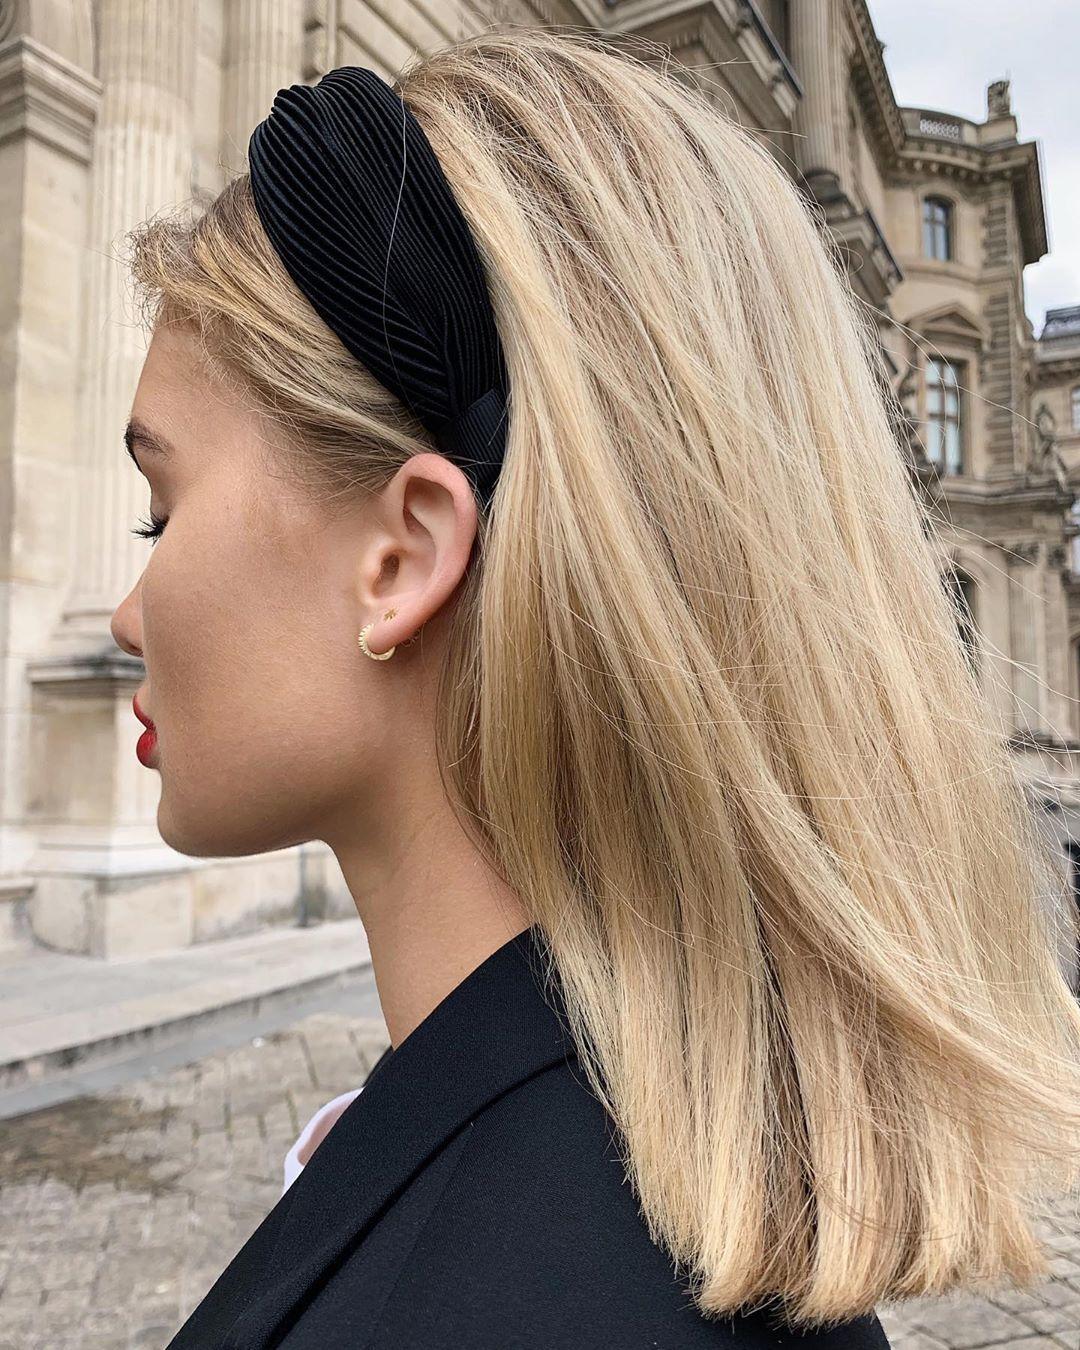 Viktoria J Hutter On Instagram Blind For Love Headbandhairstyles Viktoria J Hutter On Instagram Blind For Love Frisur Ideen Haar Styling Haare